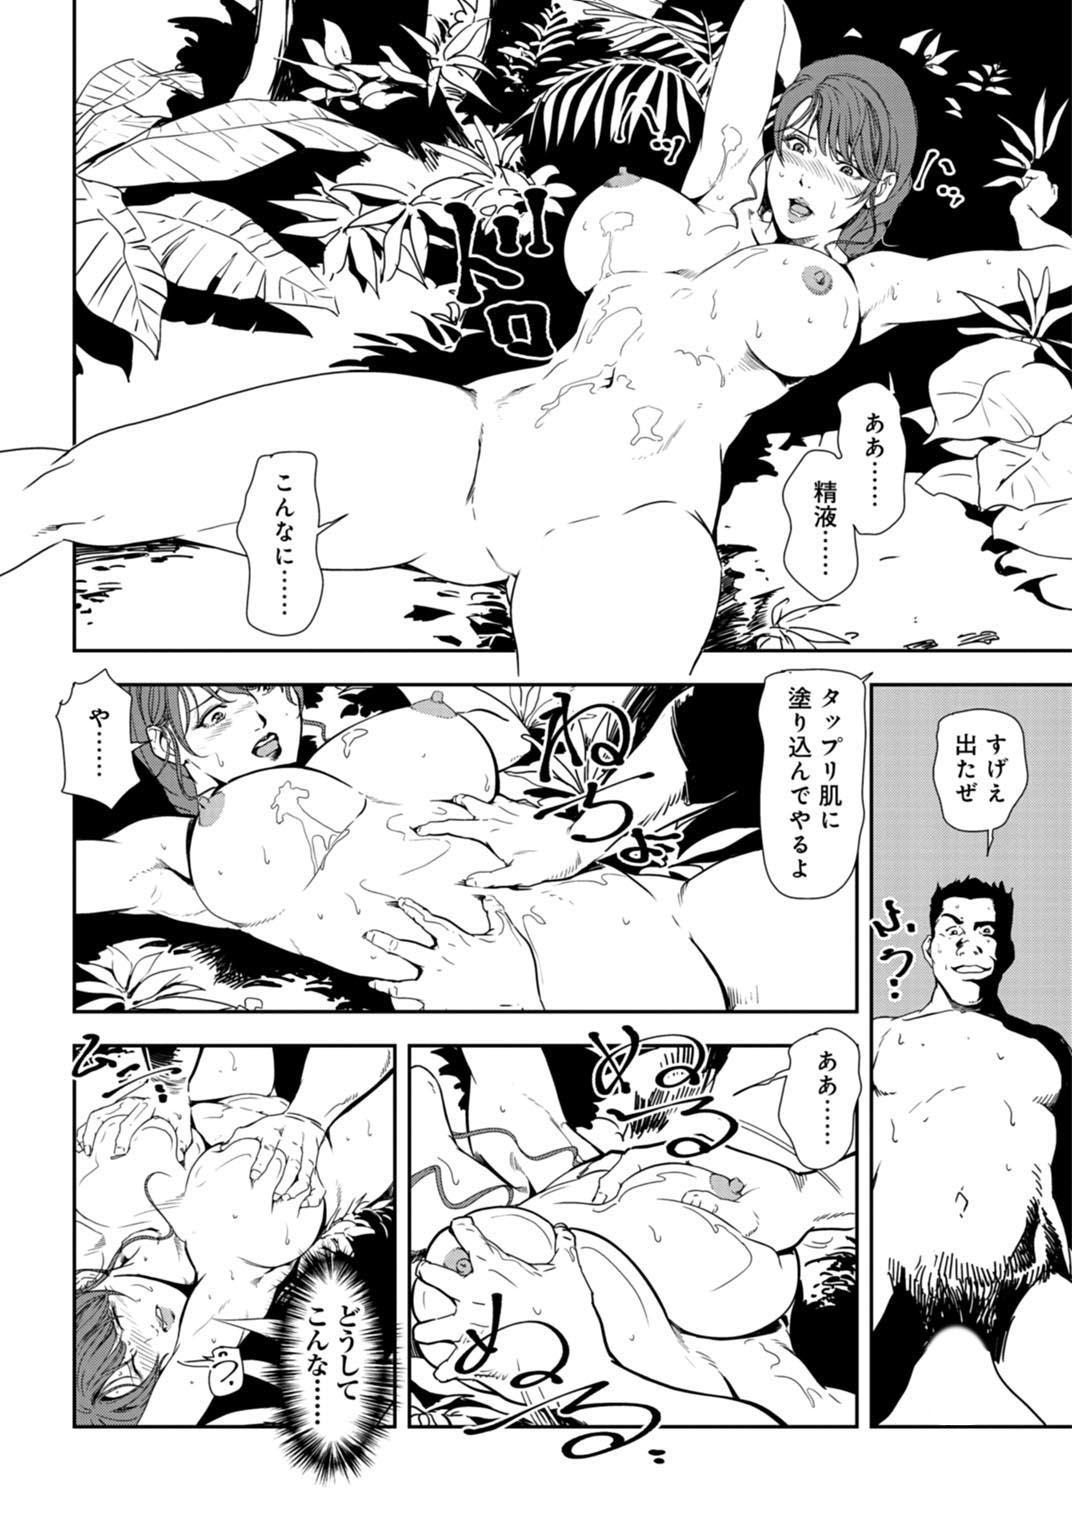 Nikuhisyo Yukiko 27 26